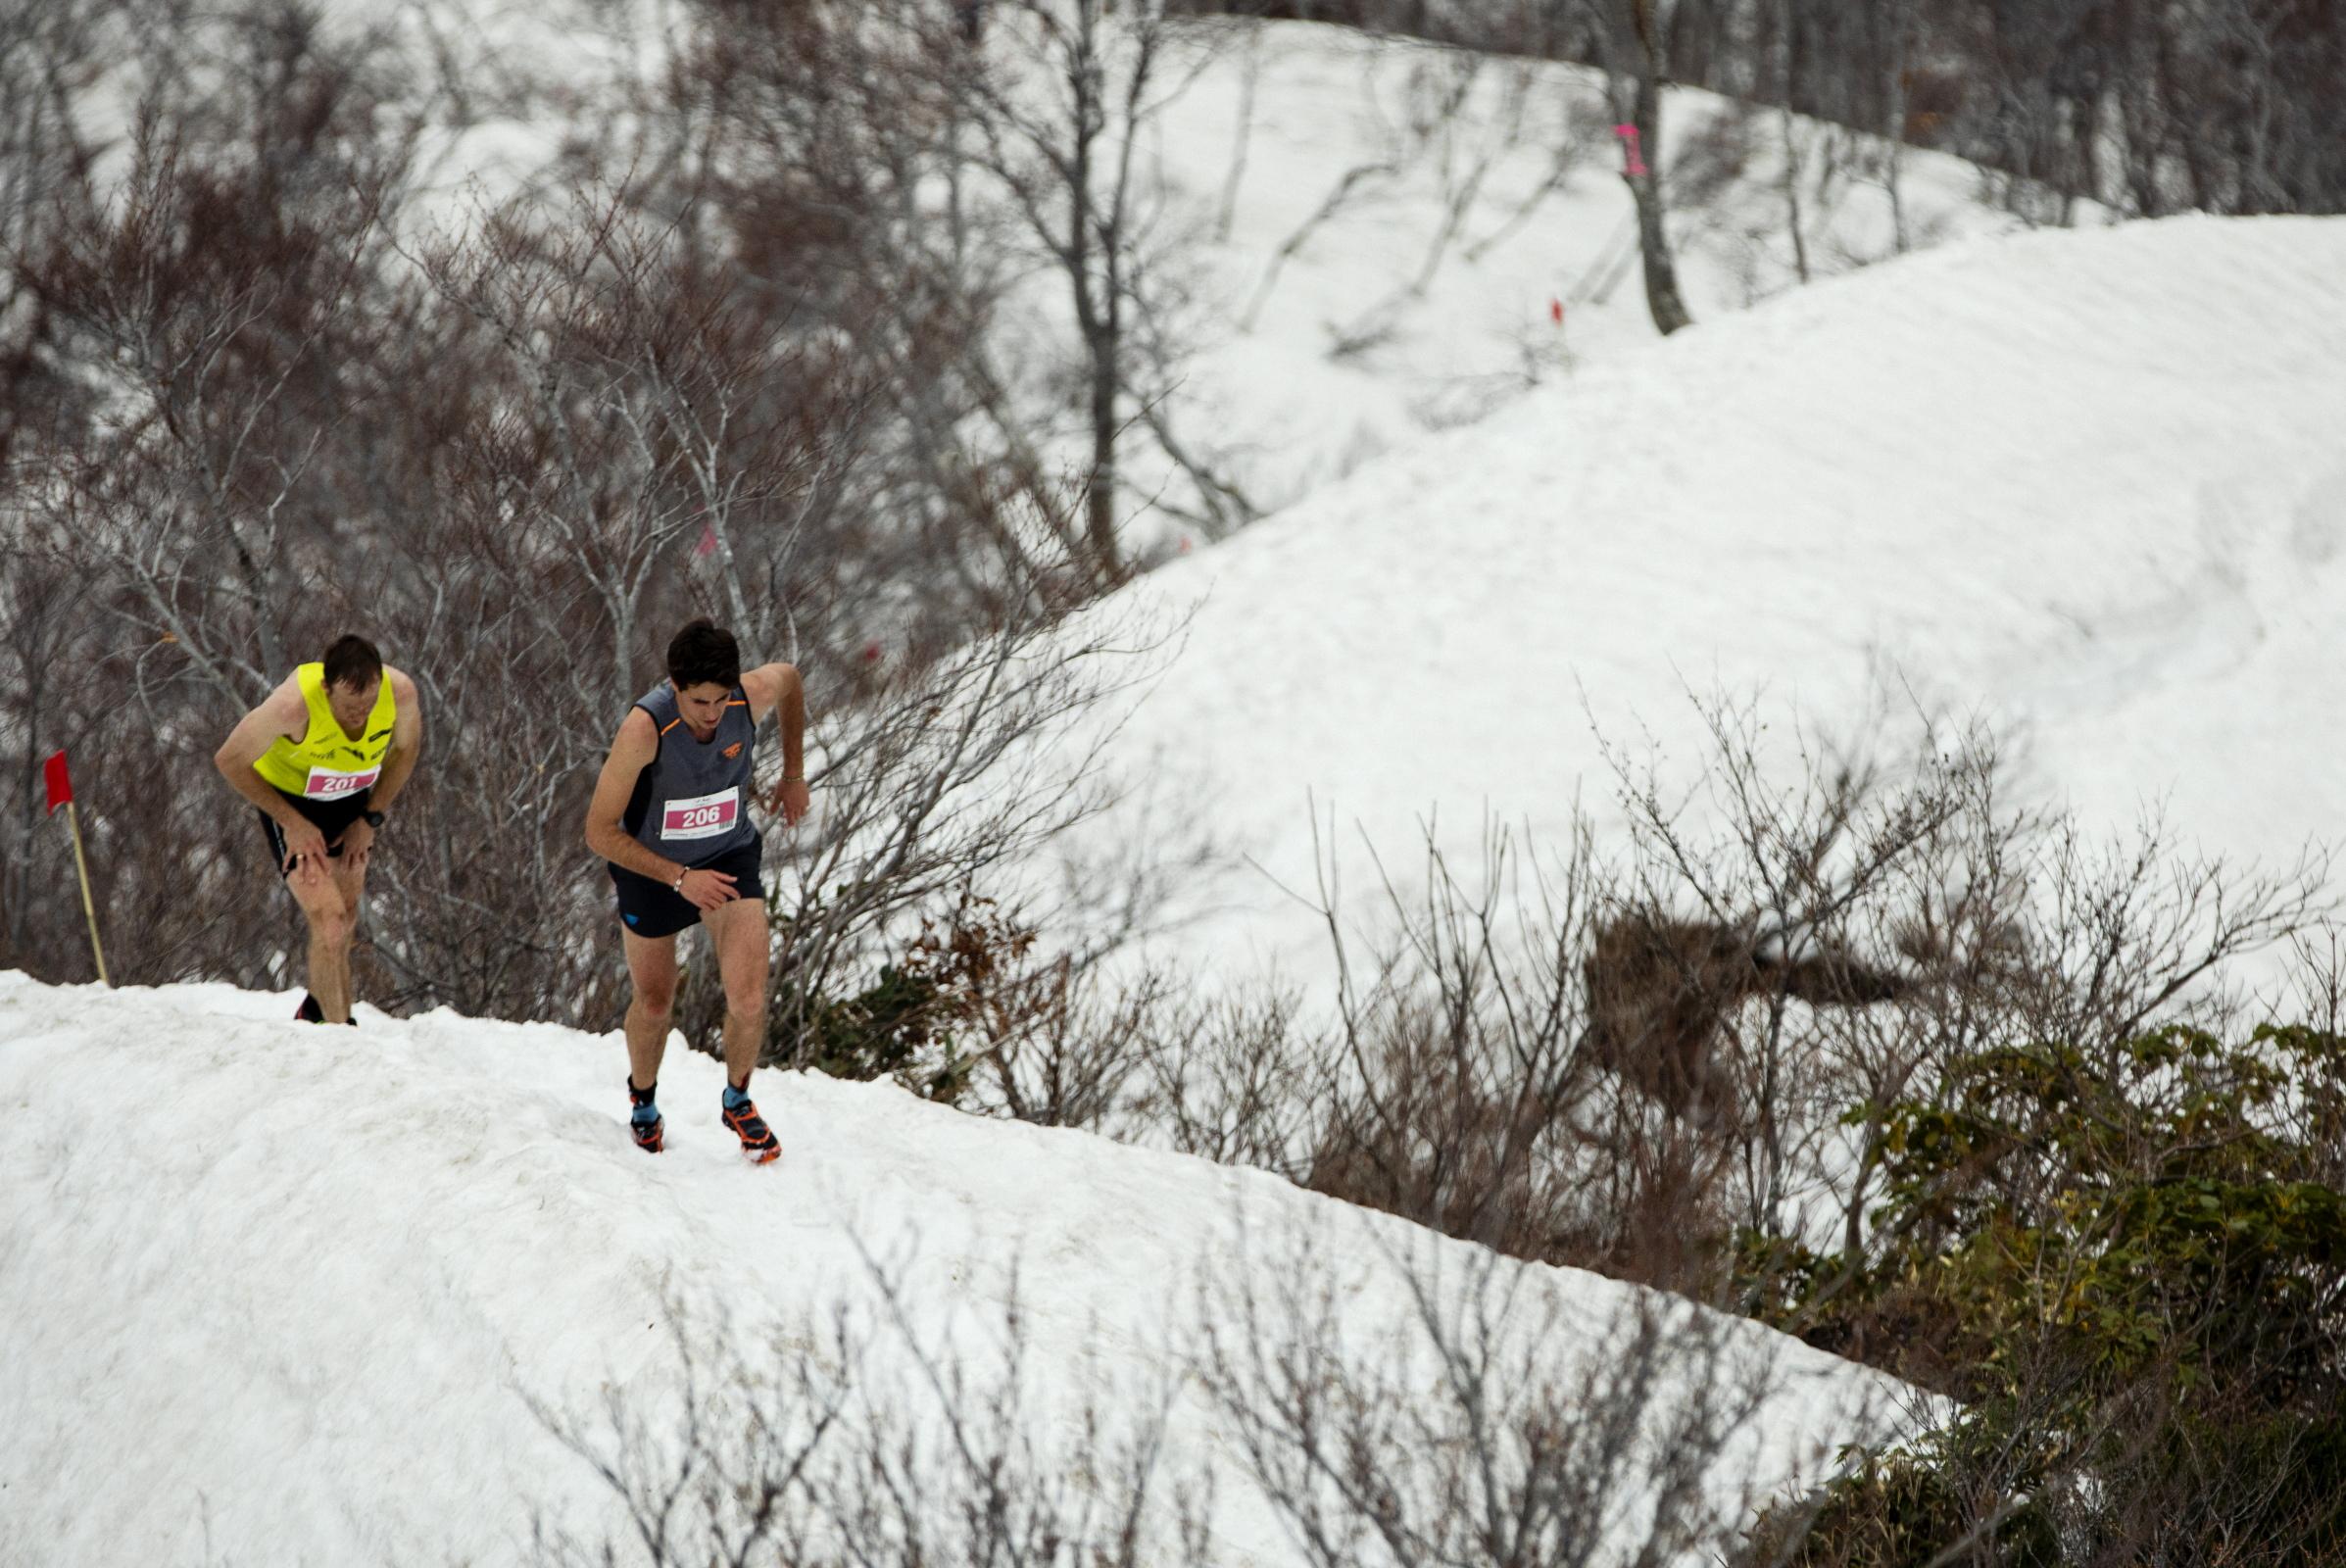 上田を追う、2位のオリオル・カルドナと3位のジョナサン・アルボン ©Sho Fujimaki